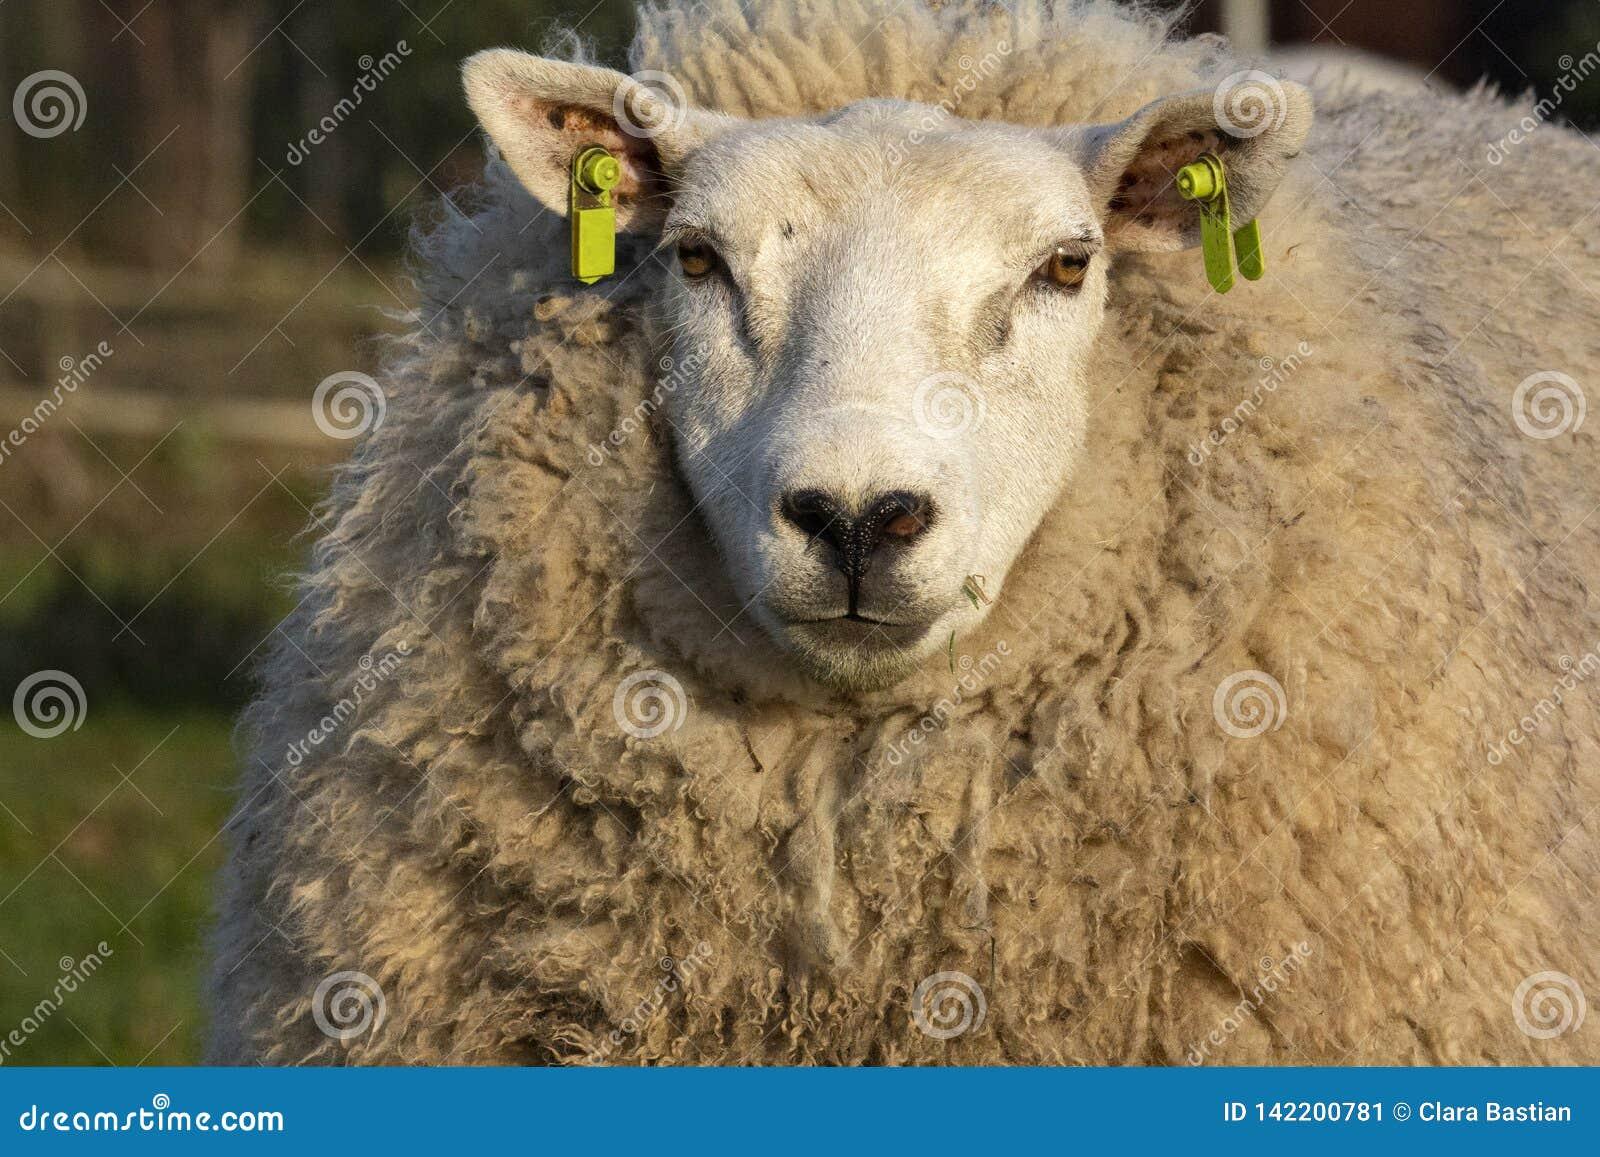 Μεγάλα άσπρα πρόβατα με τη μαύρη μύτη και πολλή μαλακή σγουρή τρίχα που διαμορφώνει το παλτό της